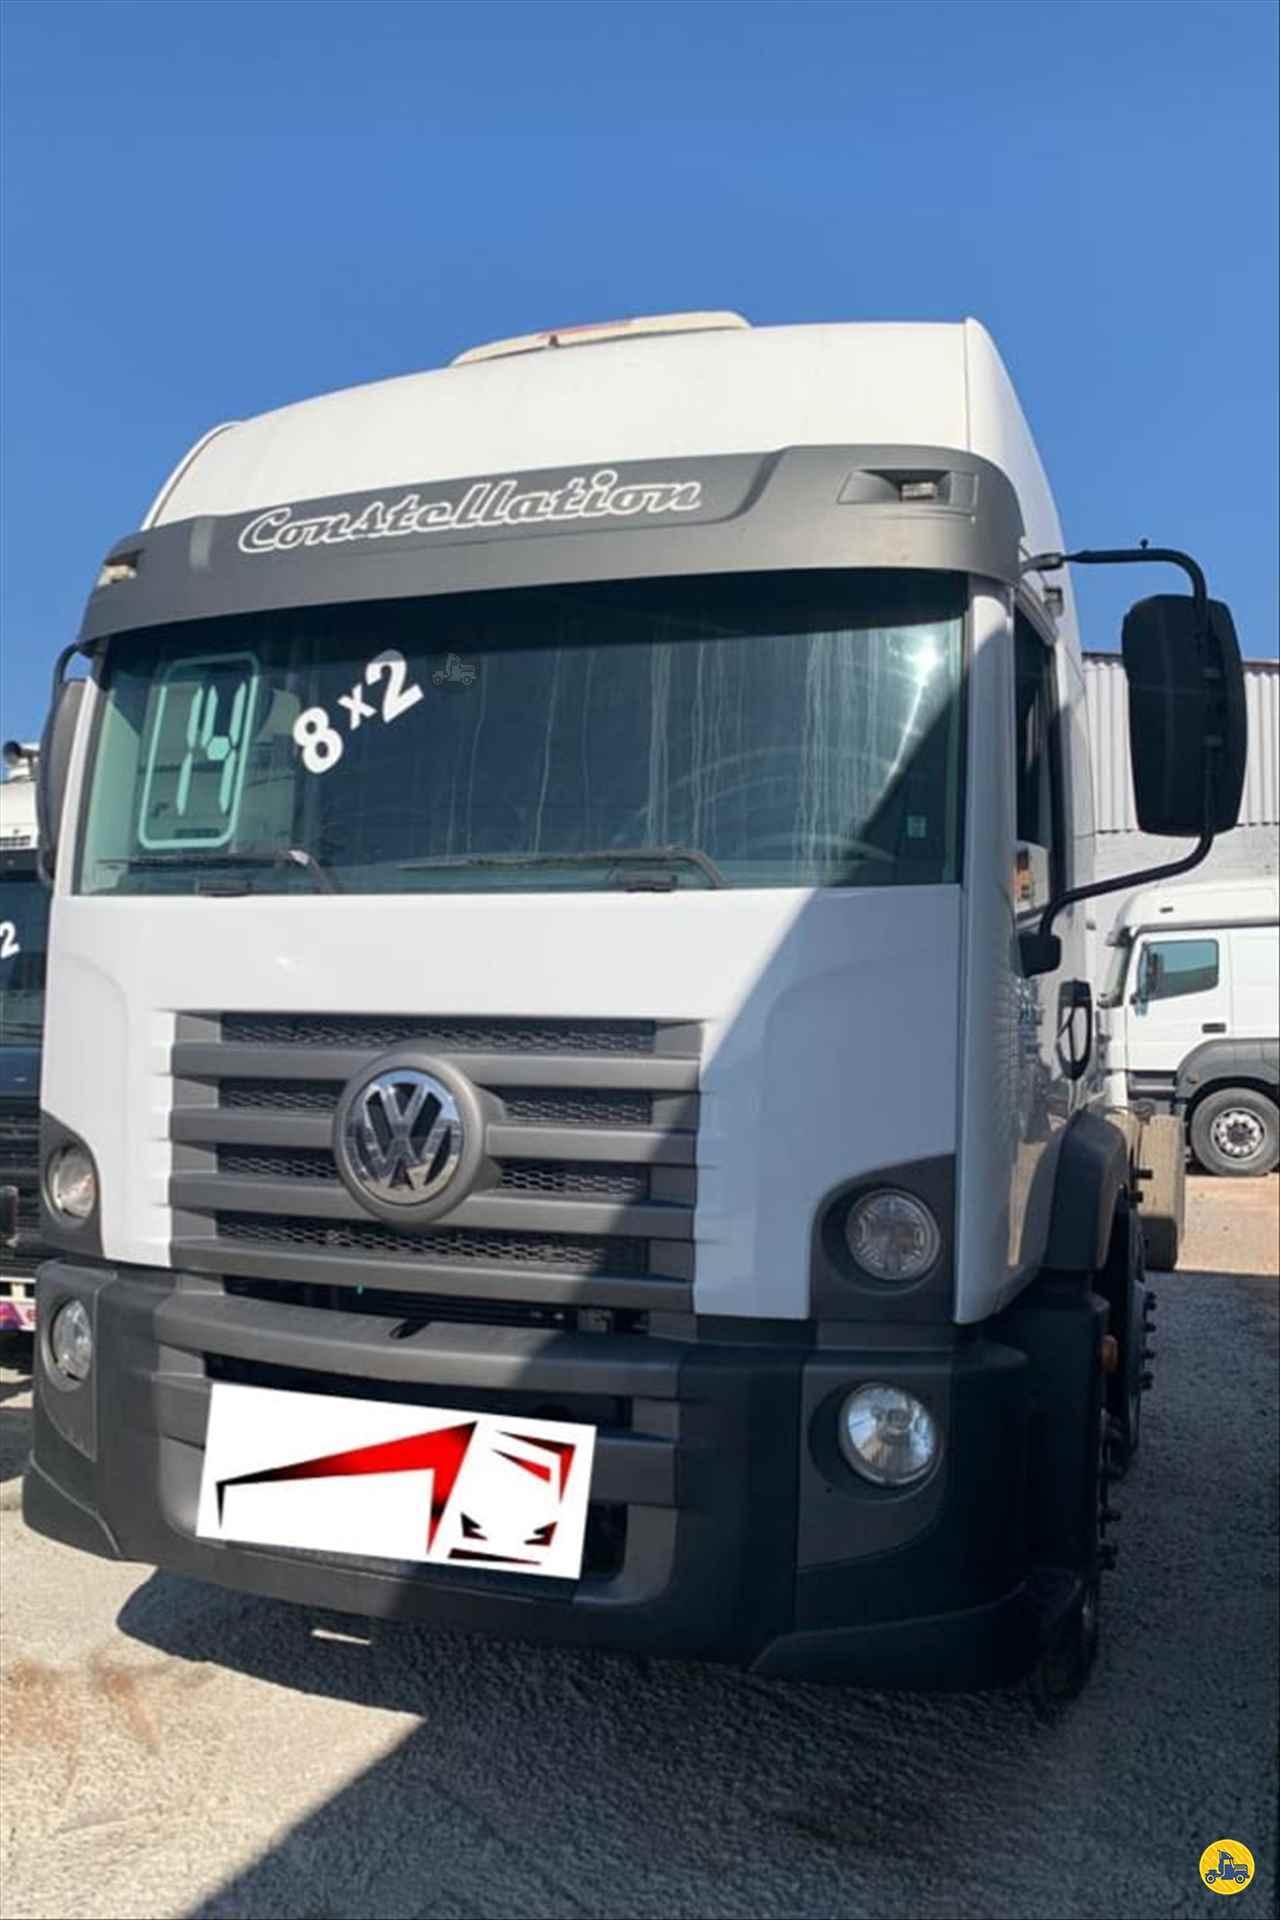 VW 24280 de Mugen Caminhões - GUARULHOS/SP